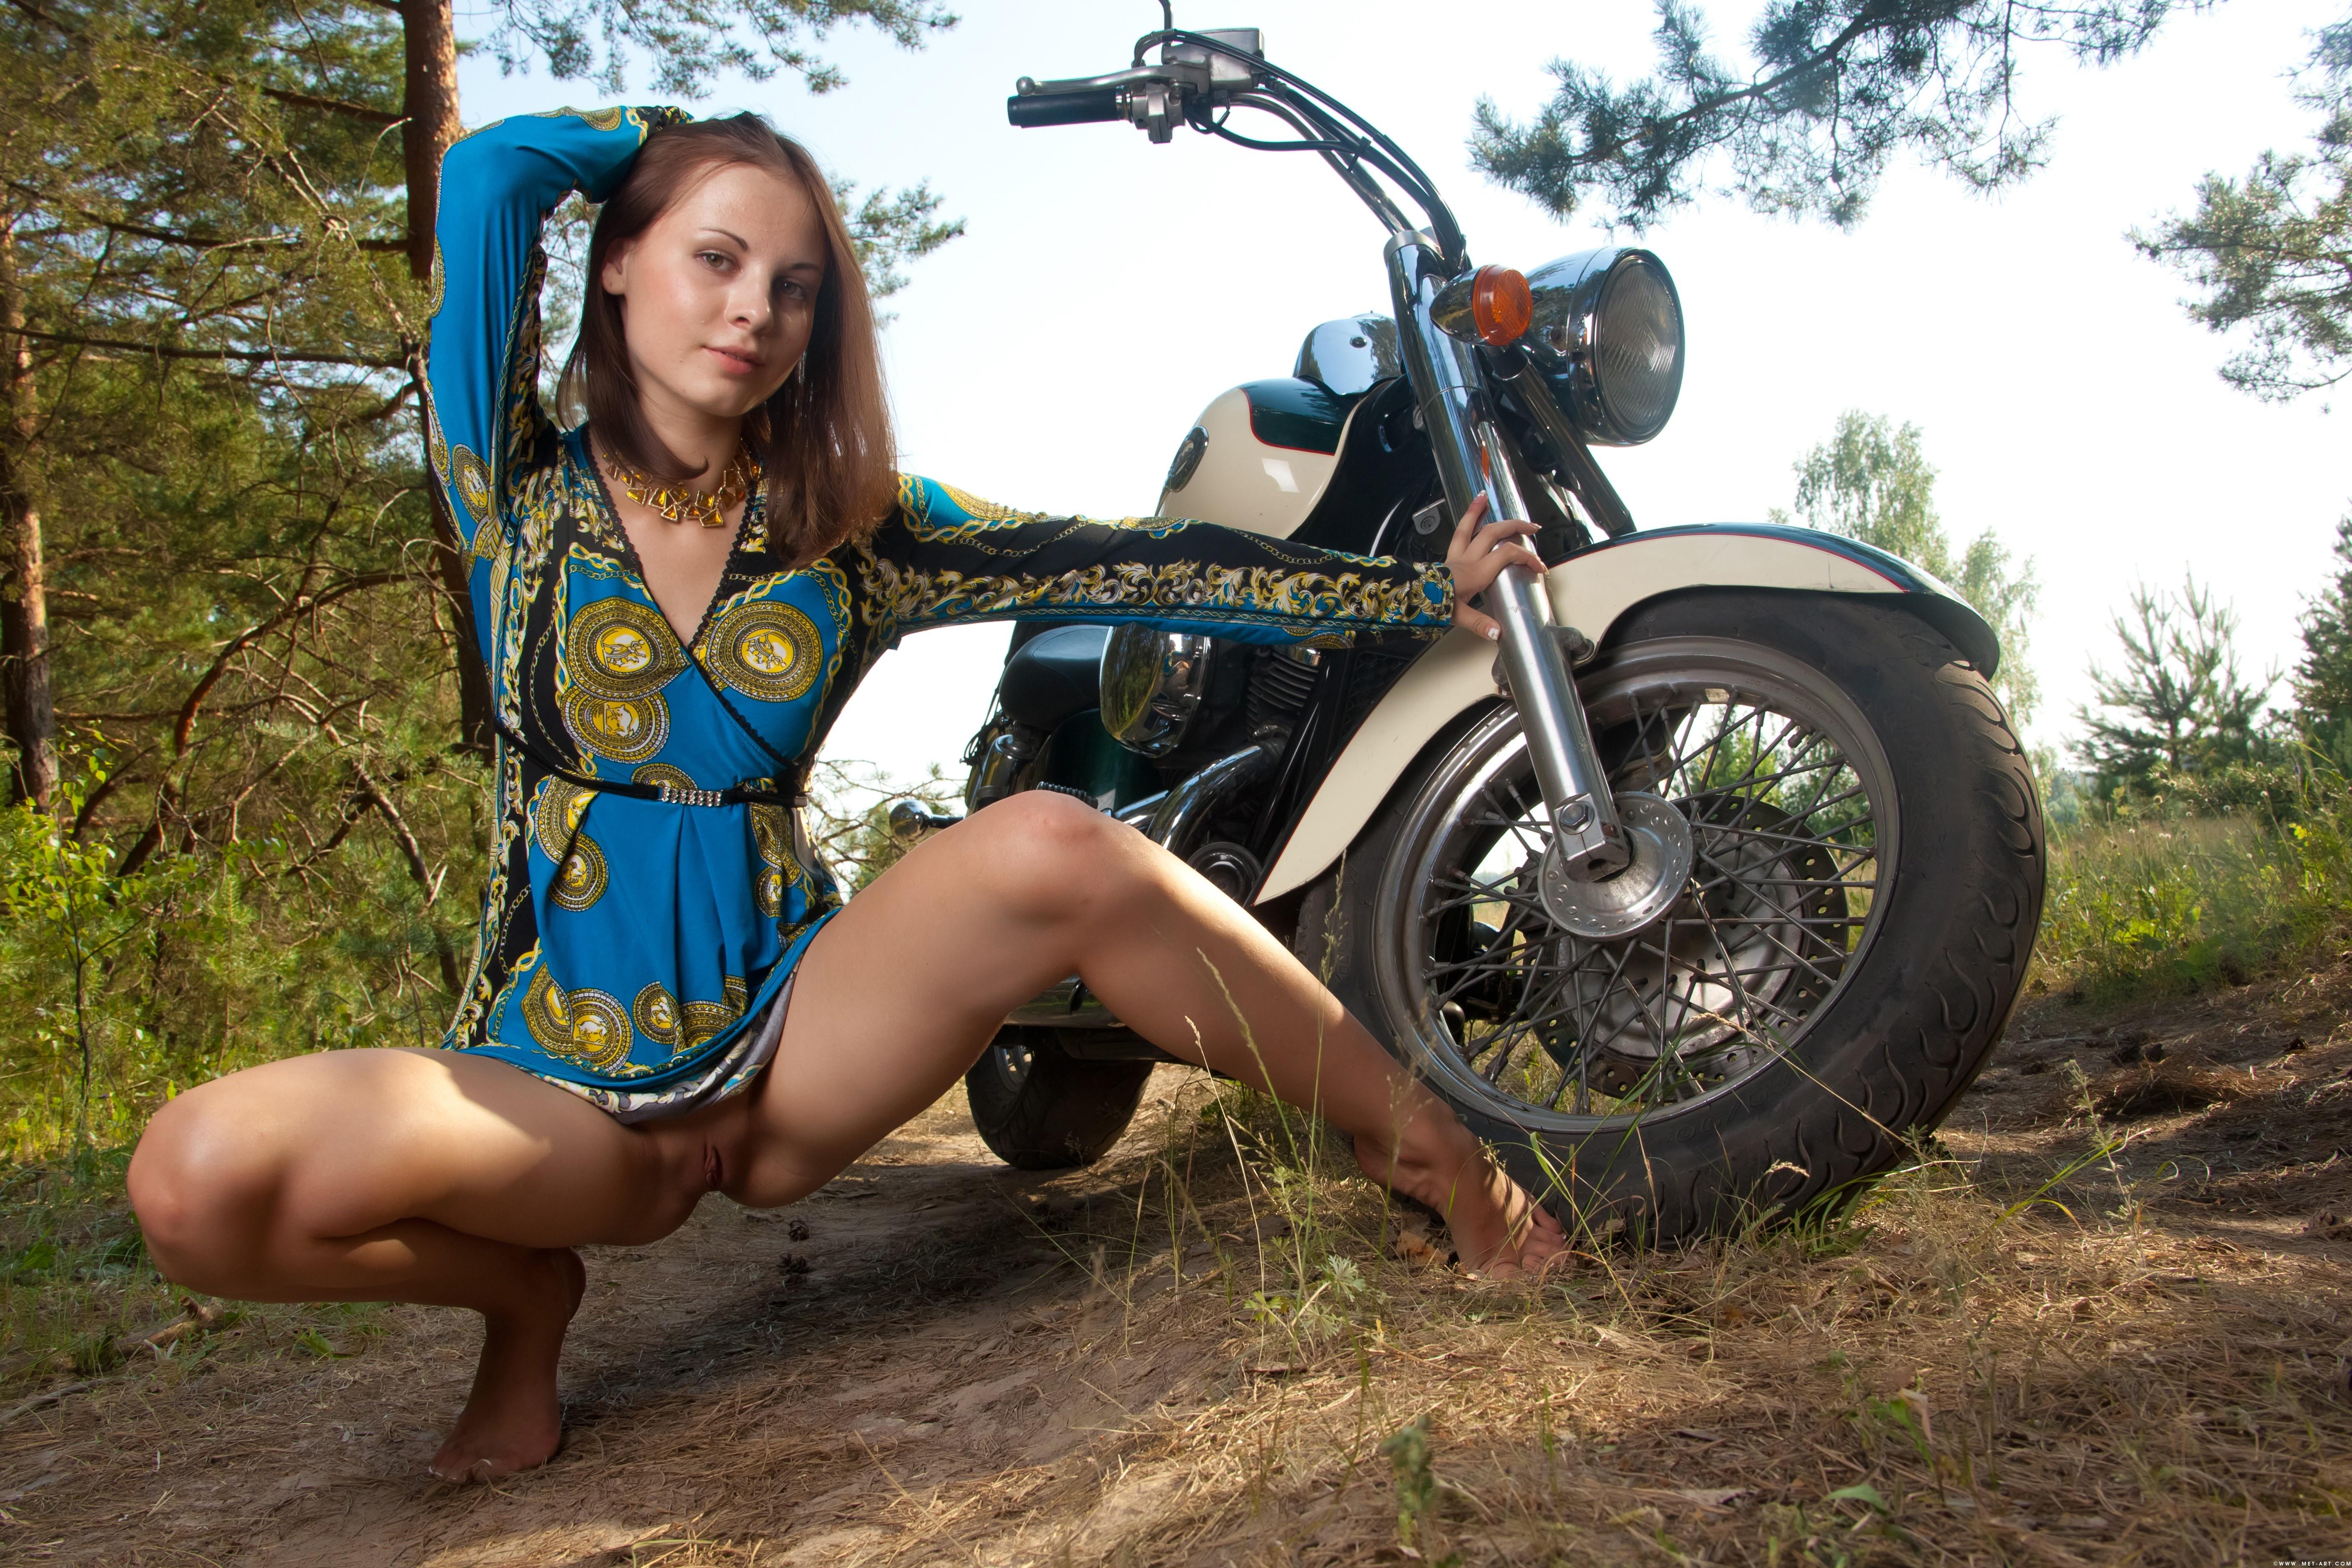 Xxx Motorcycles 31